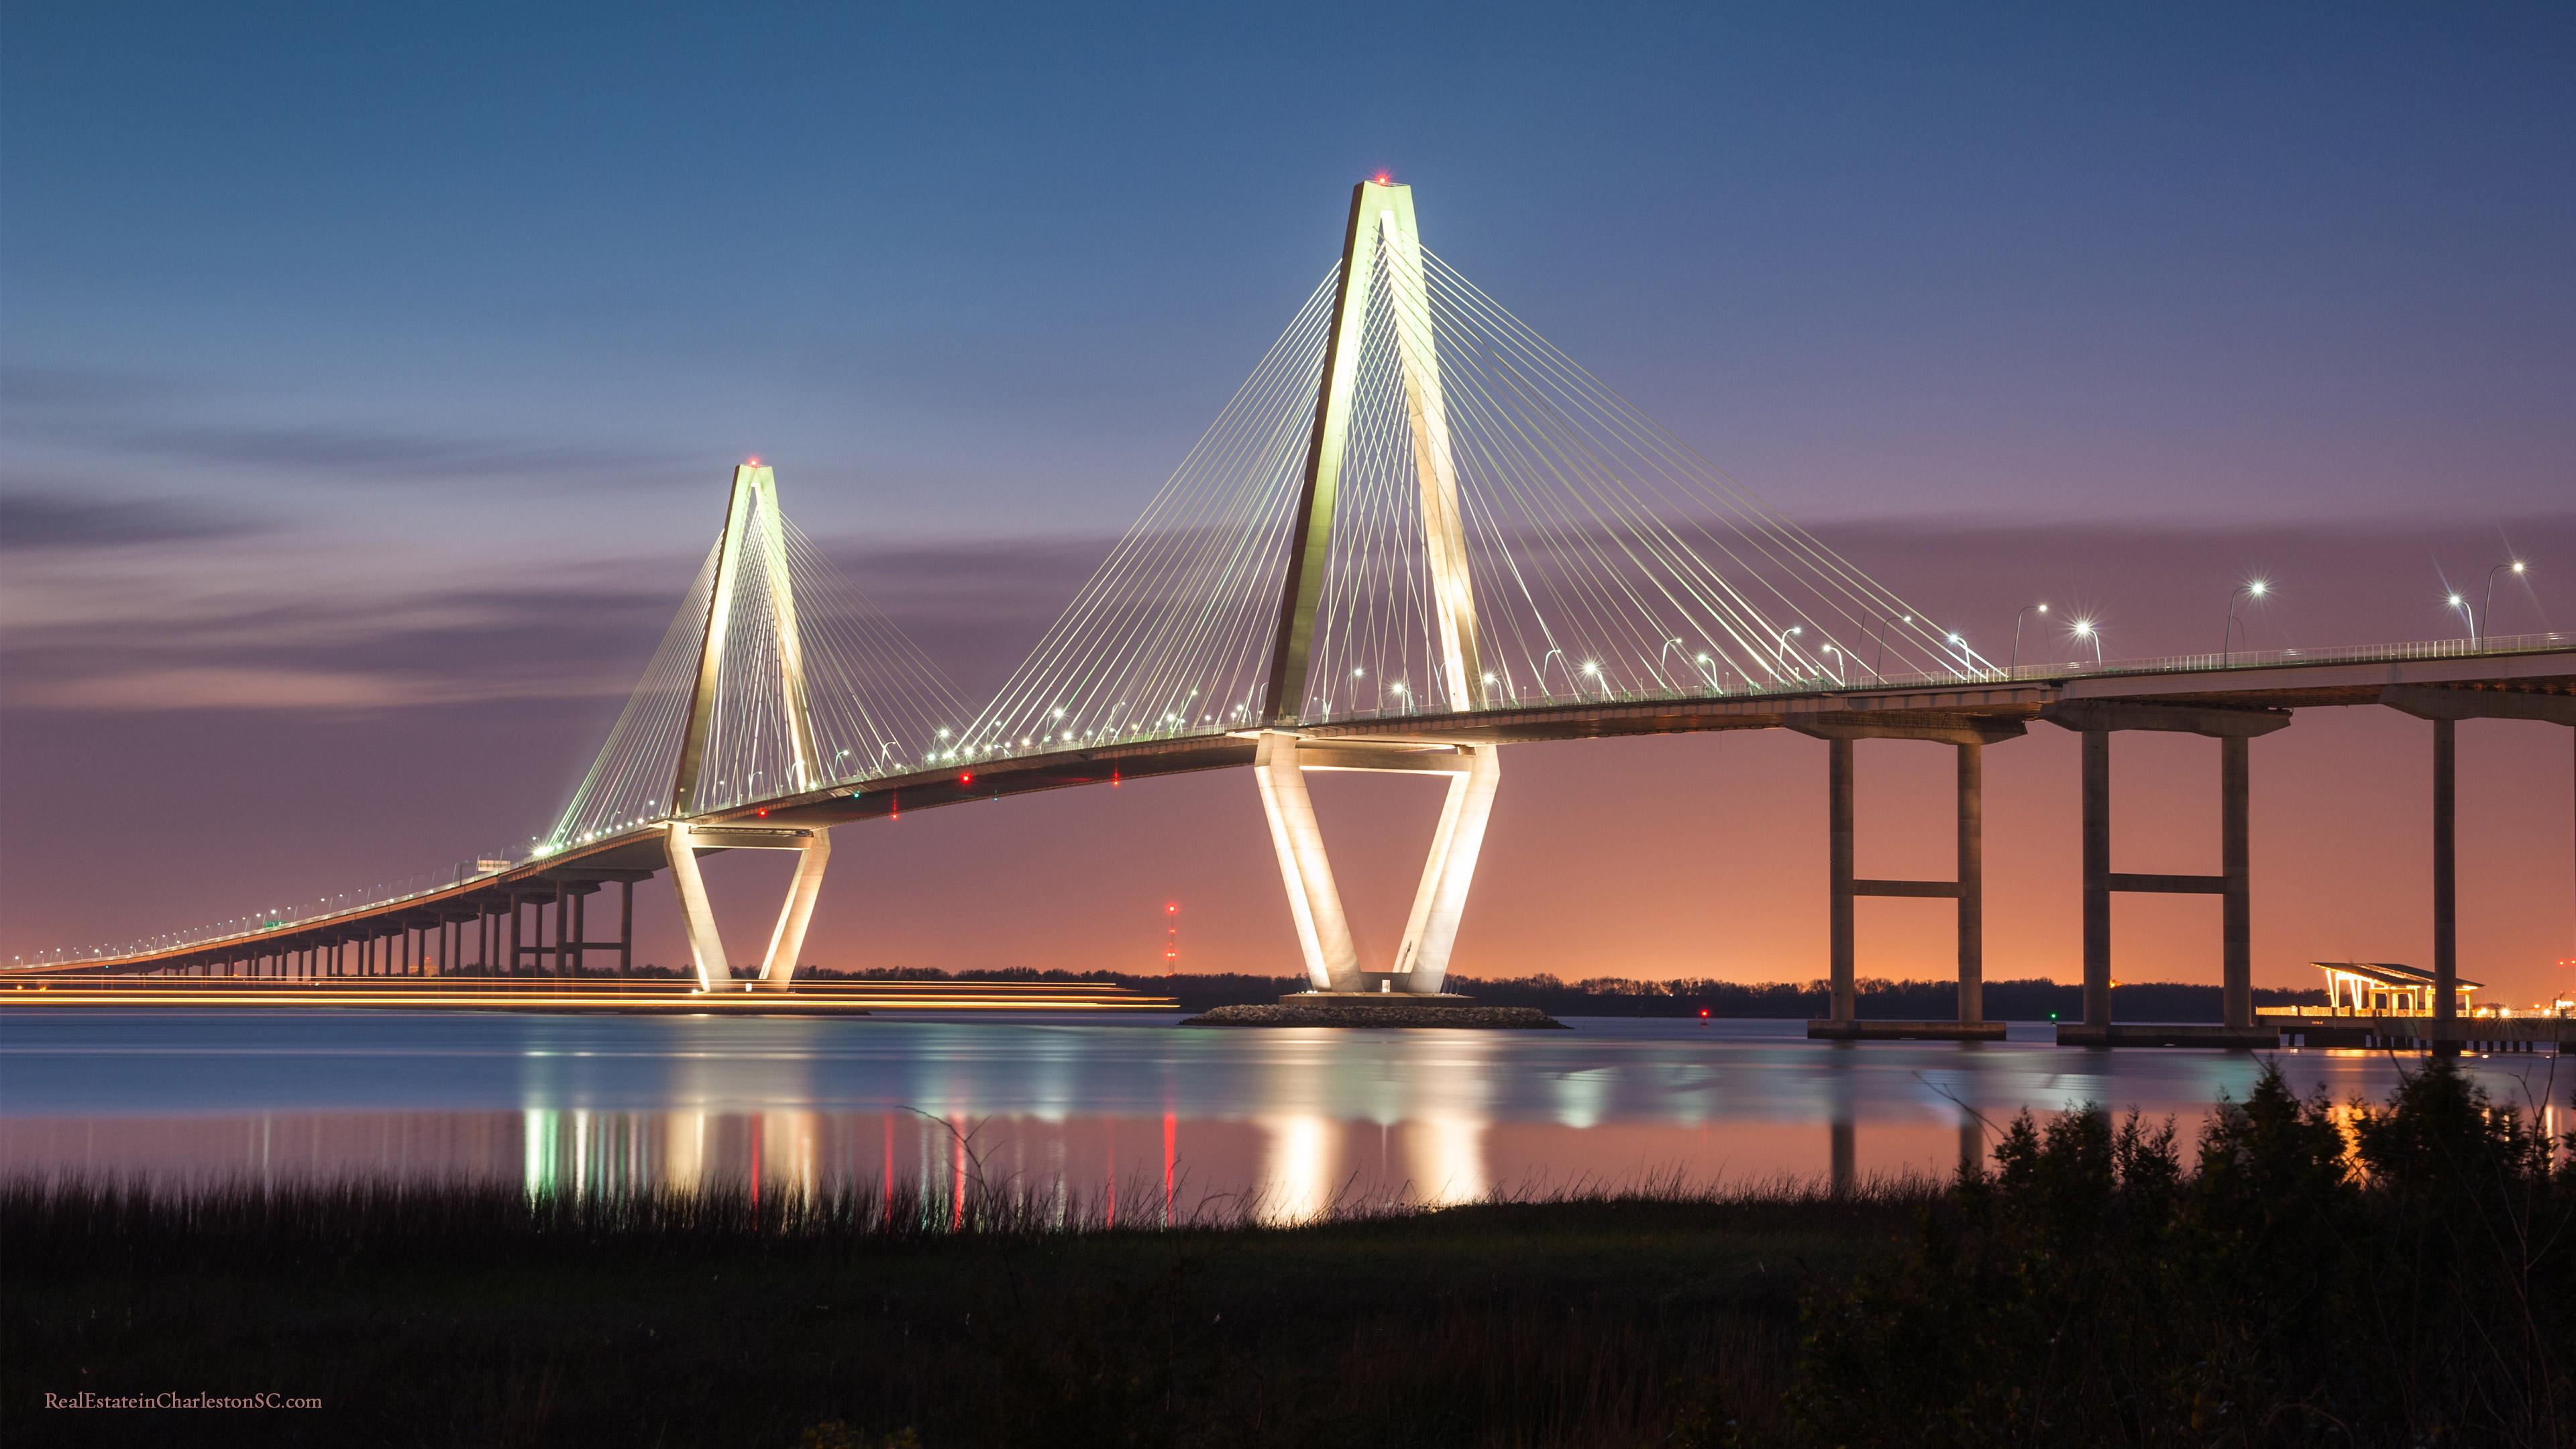 Arthur Ravenel Jr Bridge Dusk 3840x2160